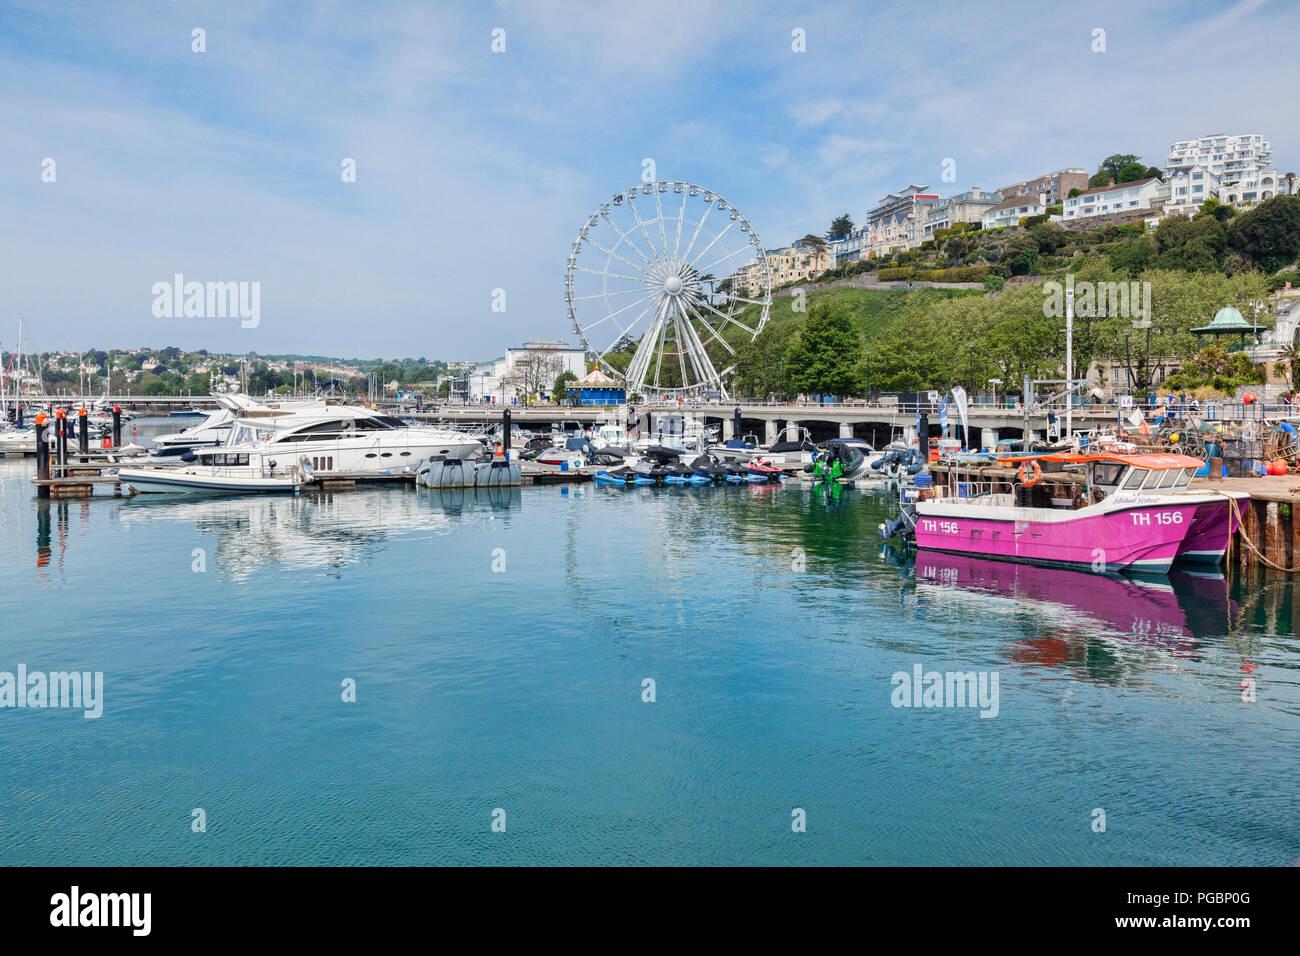 21 Maggio 2018: Torquay, Devon, Inghilterra, Regno Unito - la marina e Riviera Inglese ruota su una soleggiata giornata di primavera. Immagini Stock